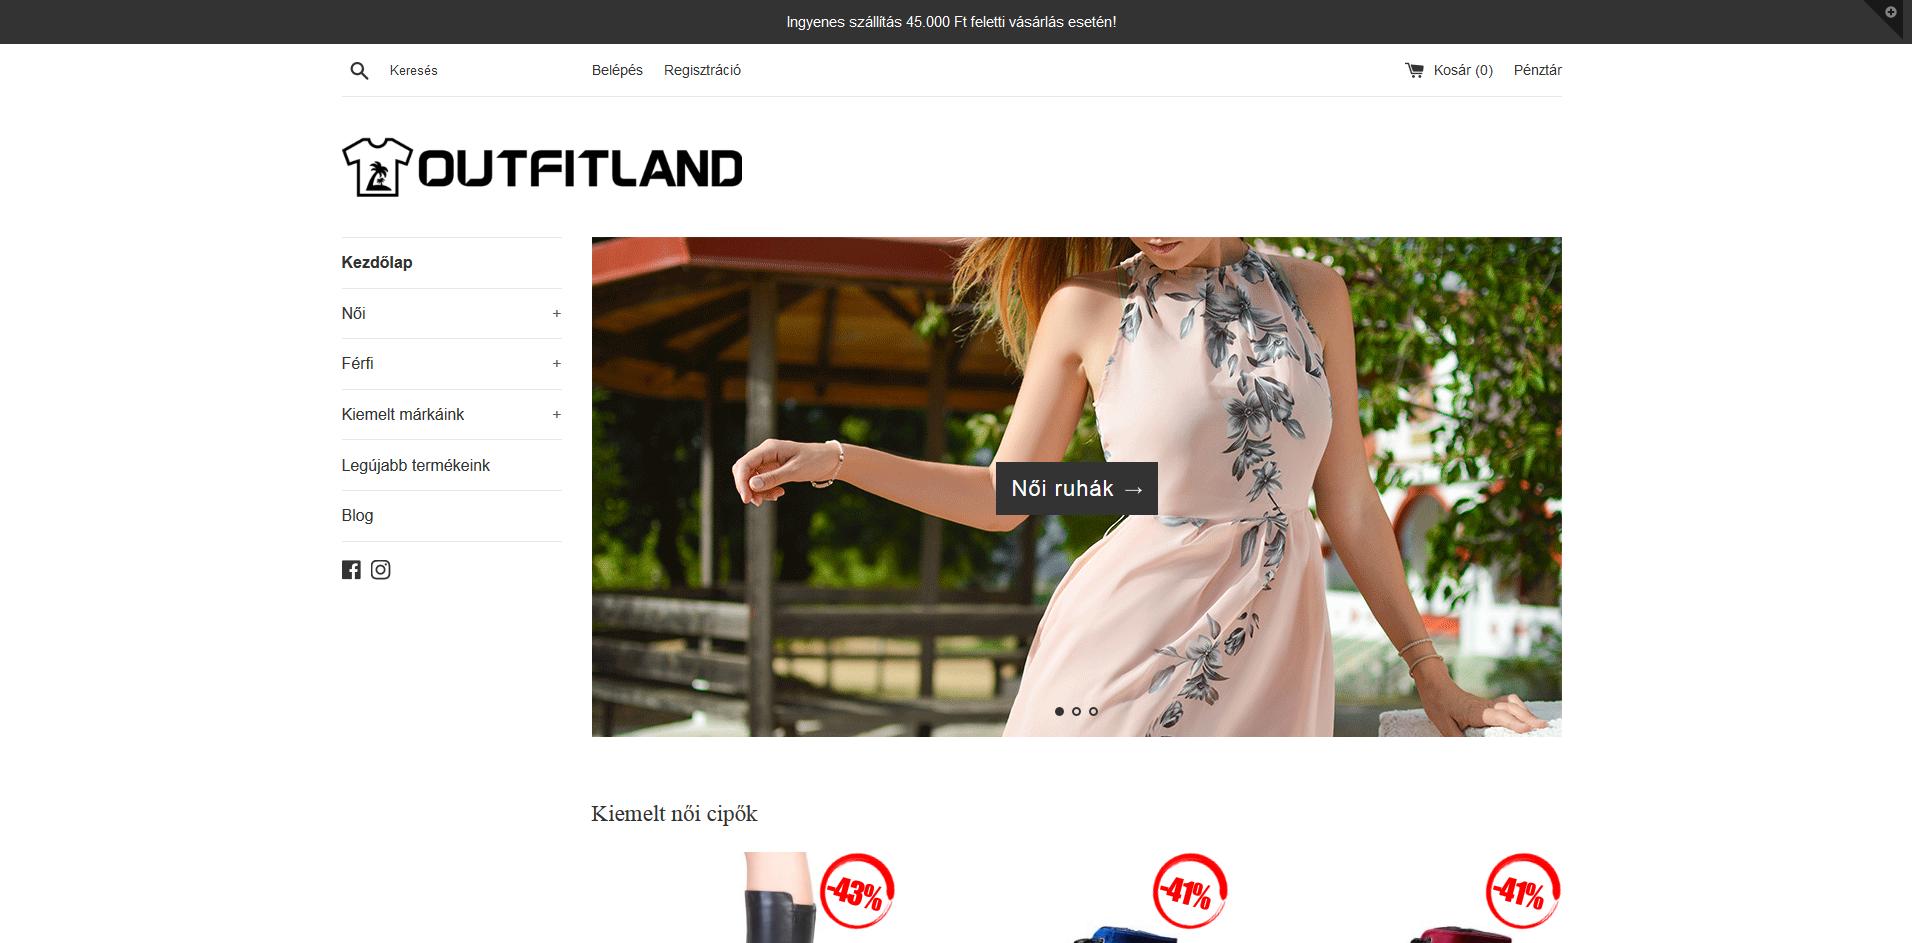 Outfitland.hu